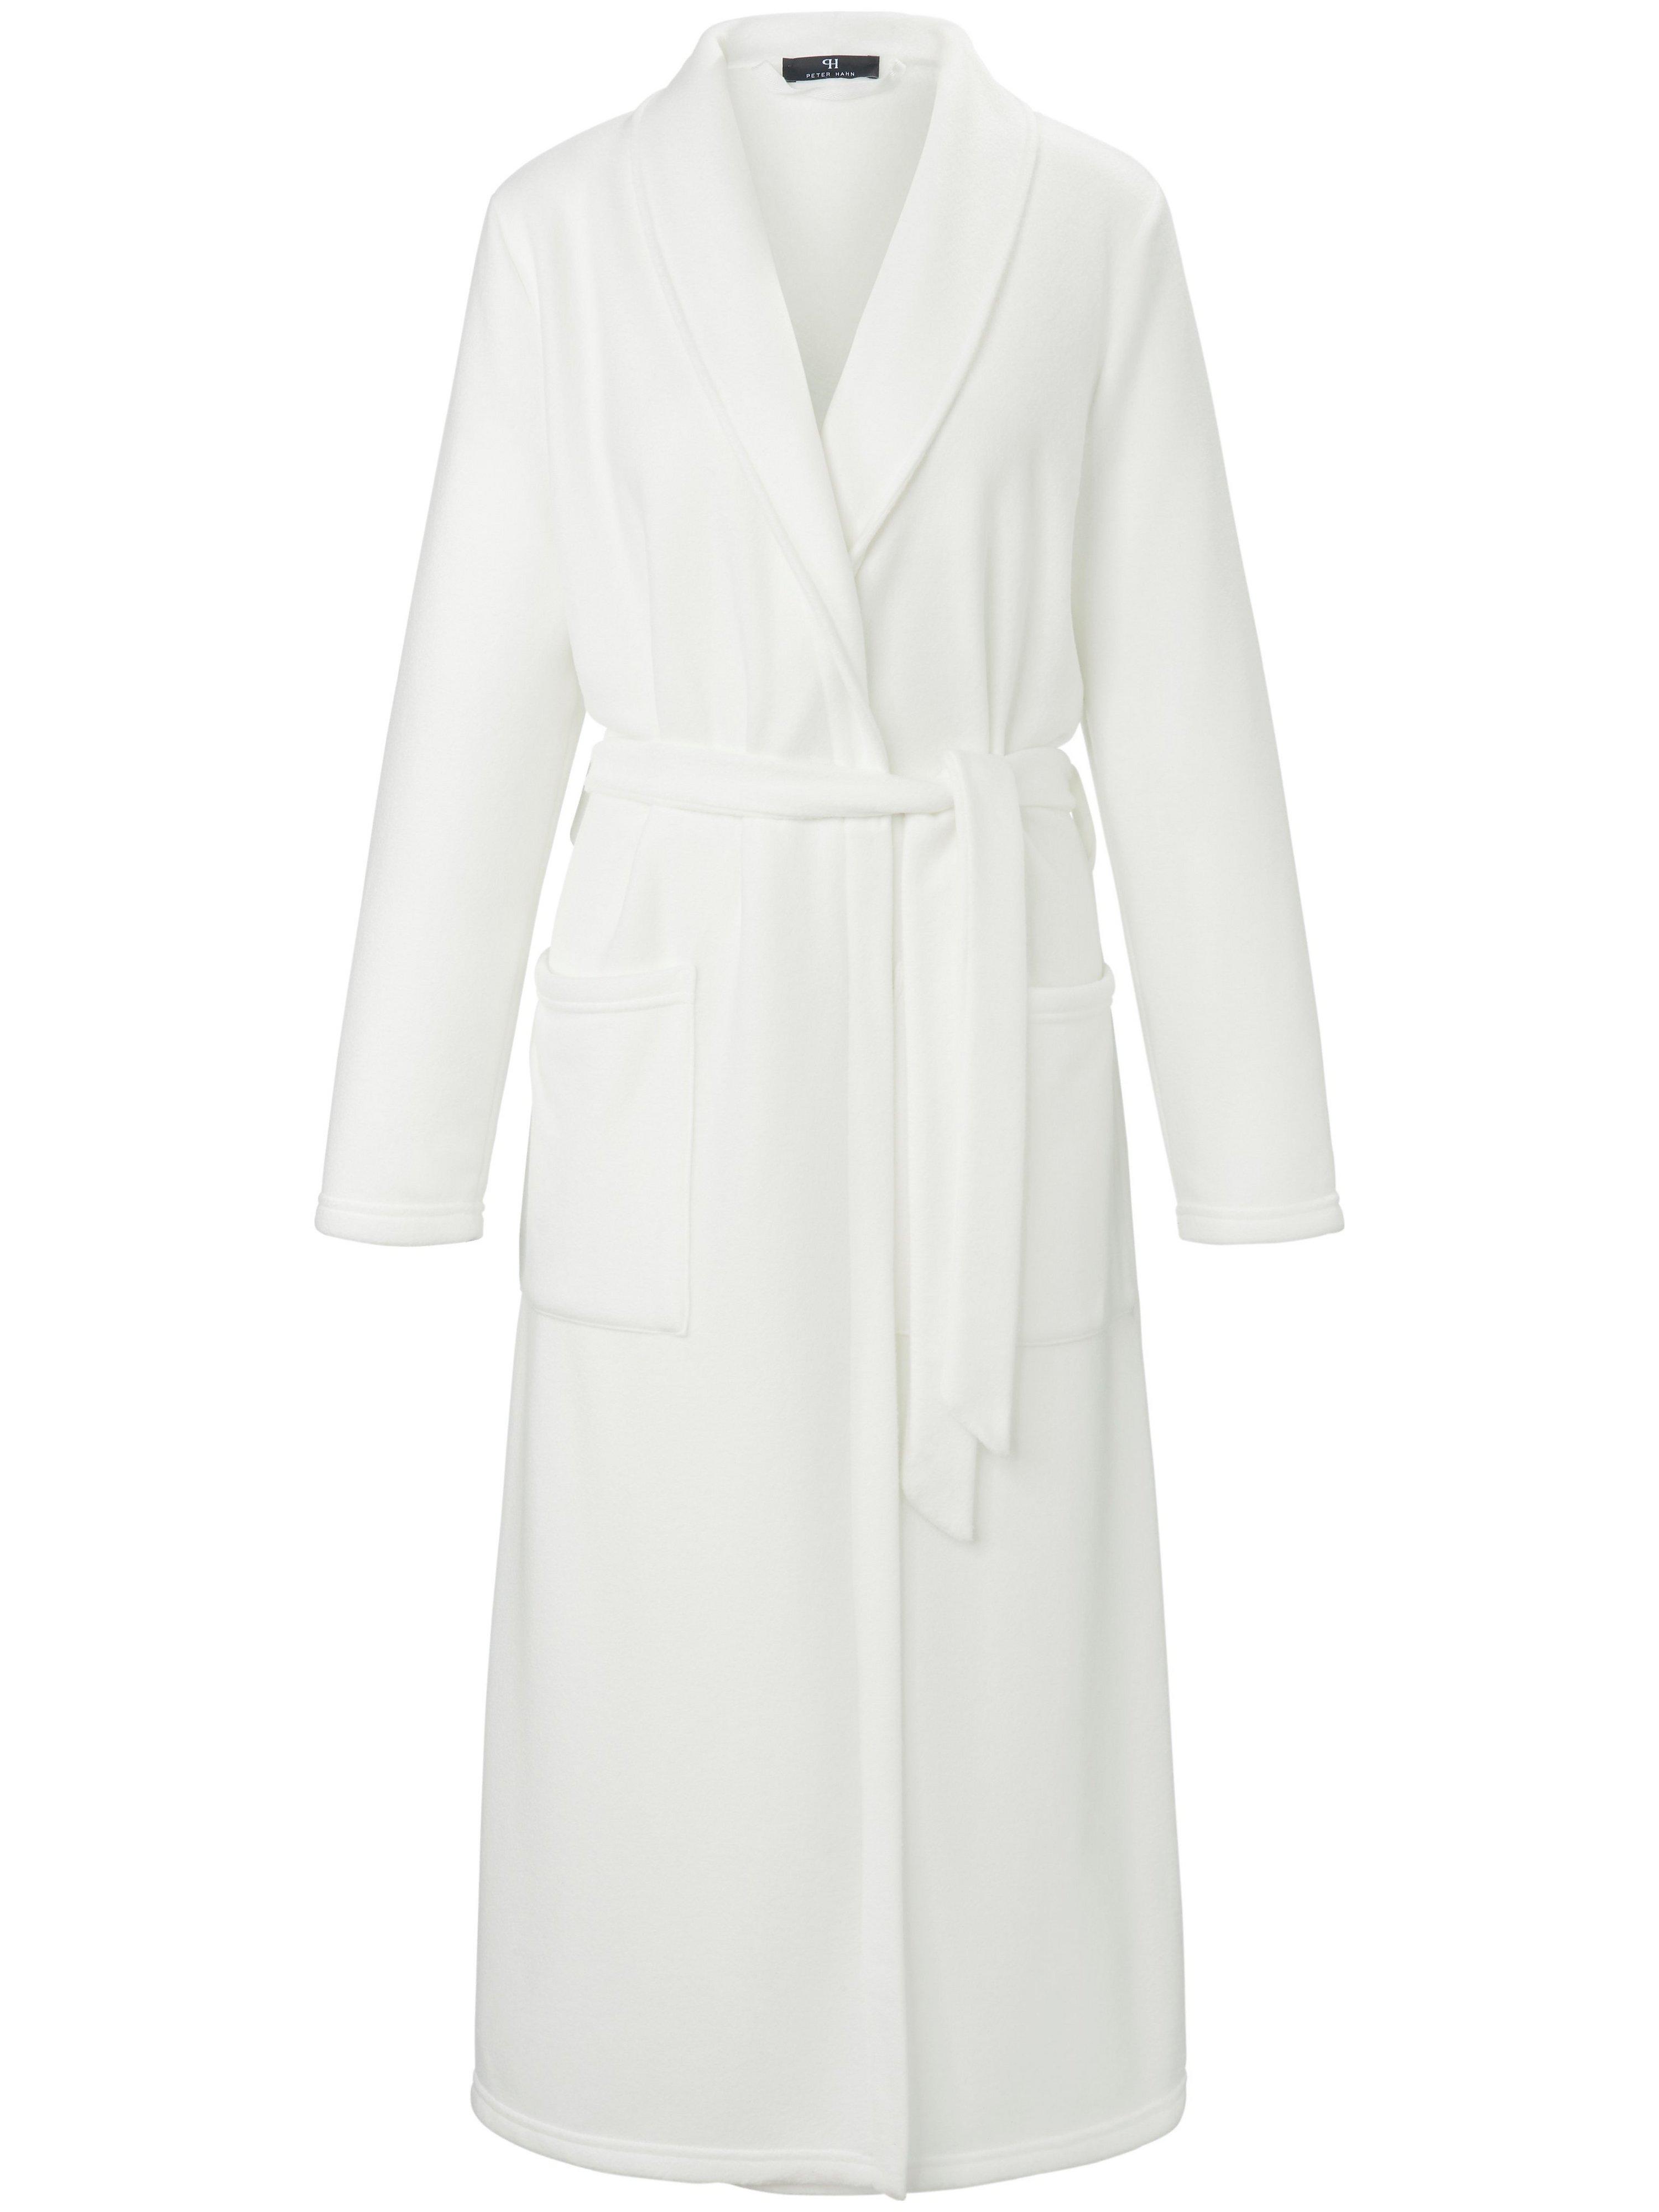 La robe chambre en polaire à col châle beige - Peter Hahn - Modalova